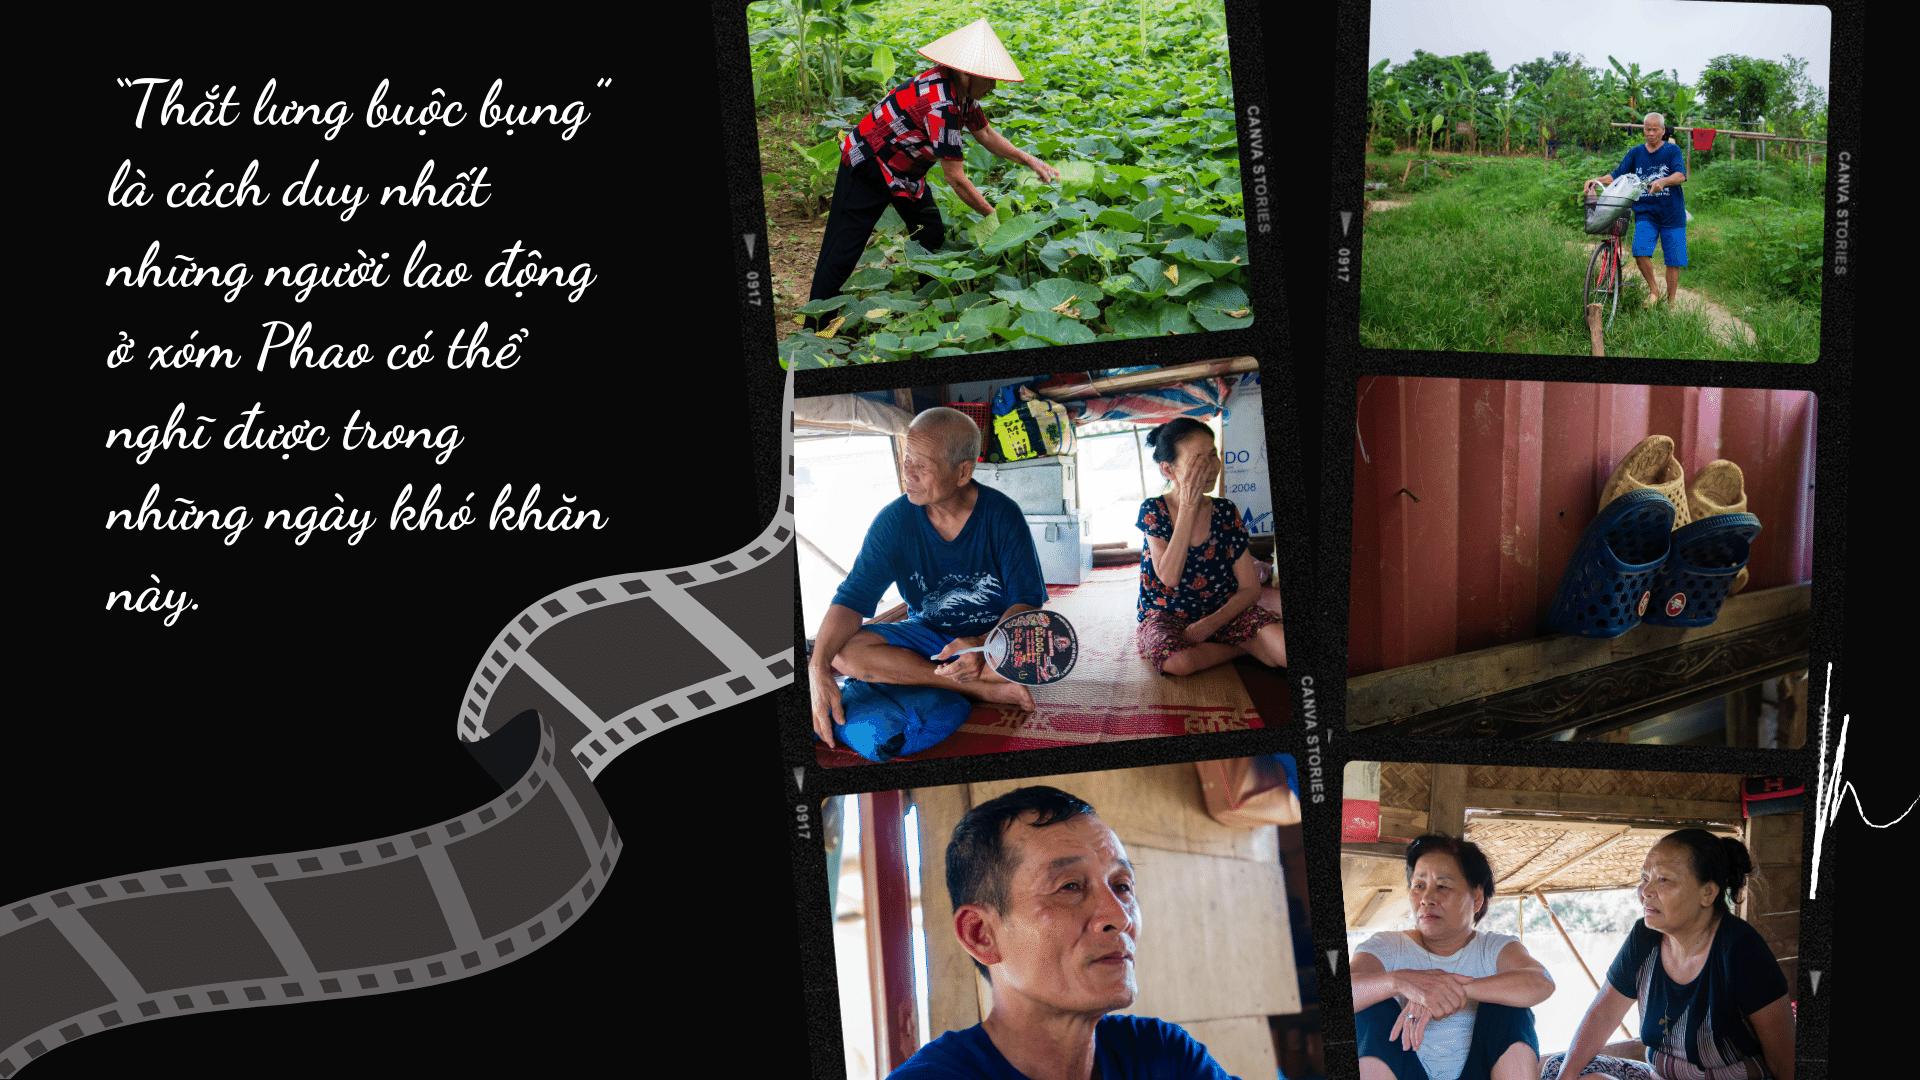 Thu nhập 60 nghìn/ngày: Cuộc sống của lao động nghèo dưới chân cầu Long Biên như thế nào? - 13